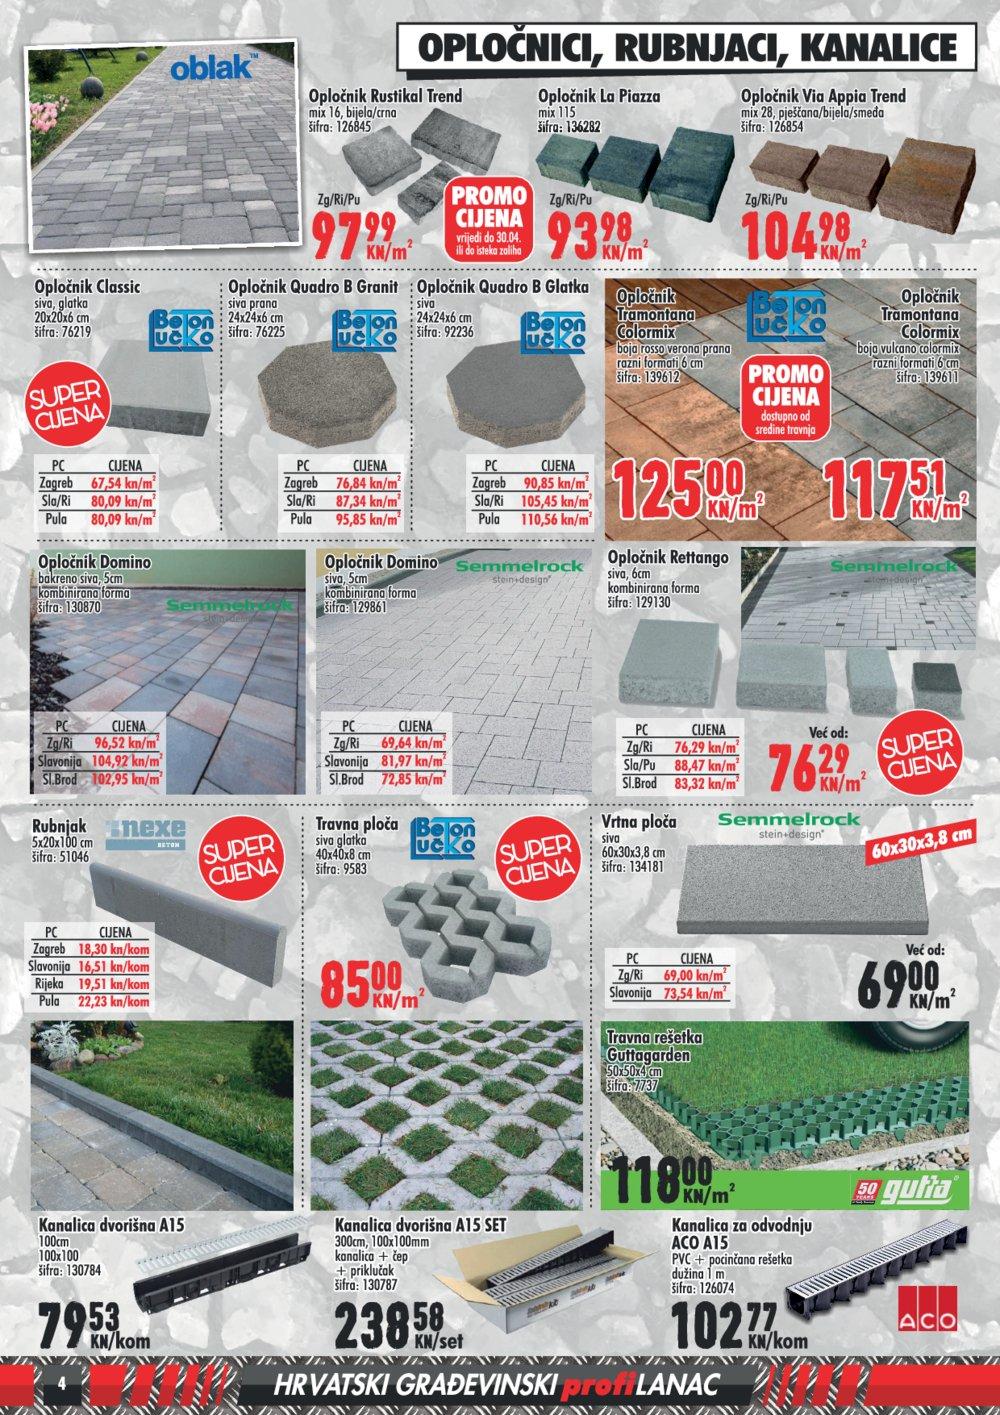 Profi Baucentar katalog Akcija do 30.07.2018. Zagreb Slavonija Rijeka Pula